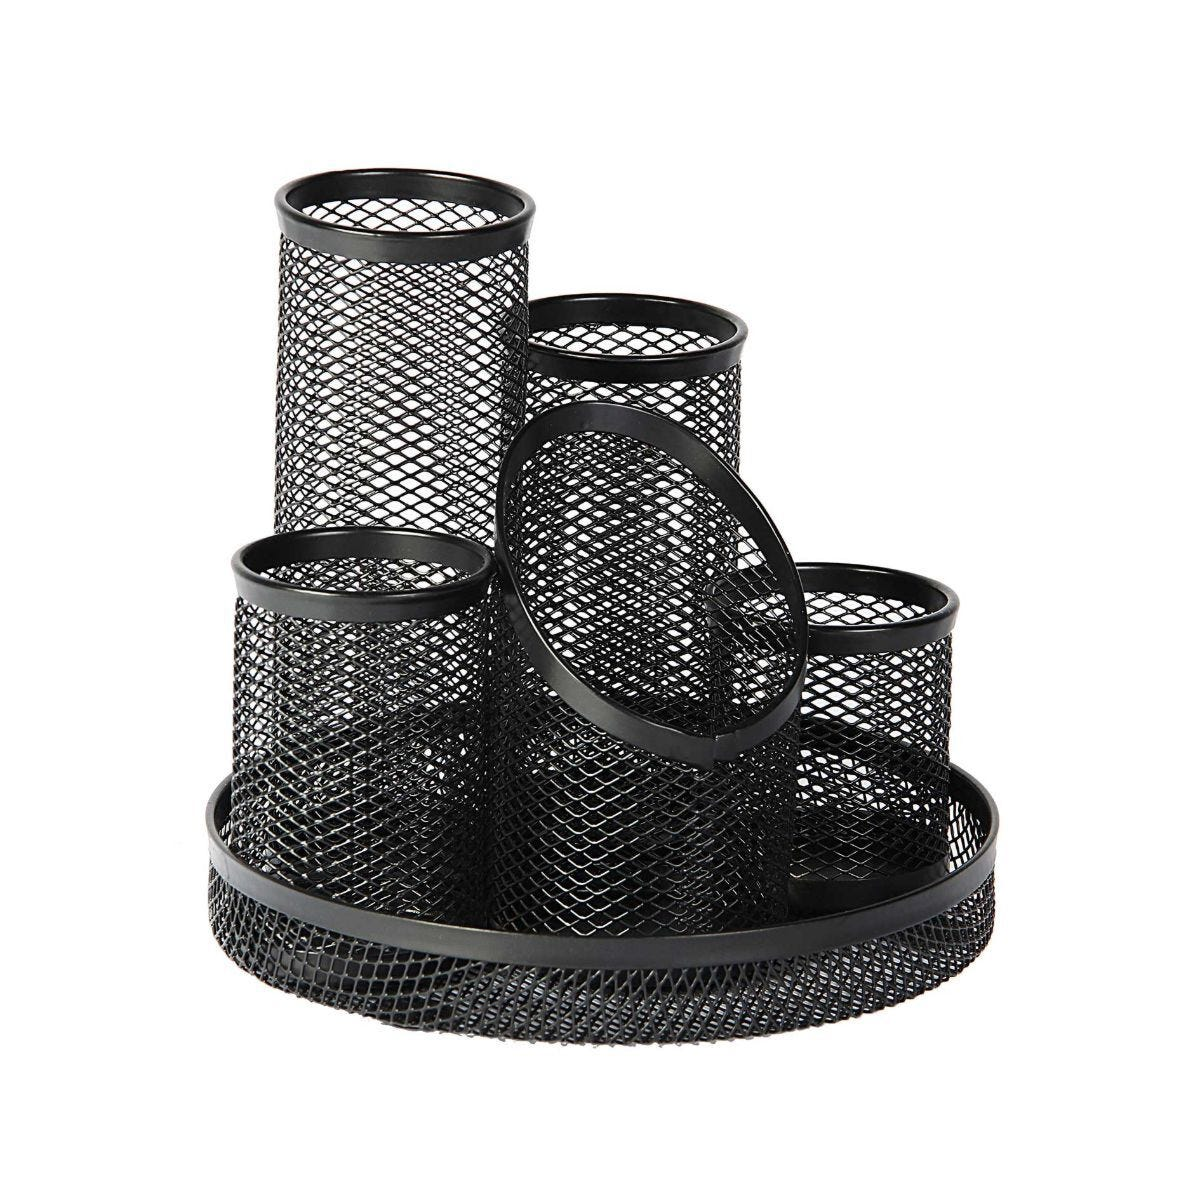 Osco Mesh 5 Tube Pen Pot Black